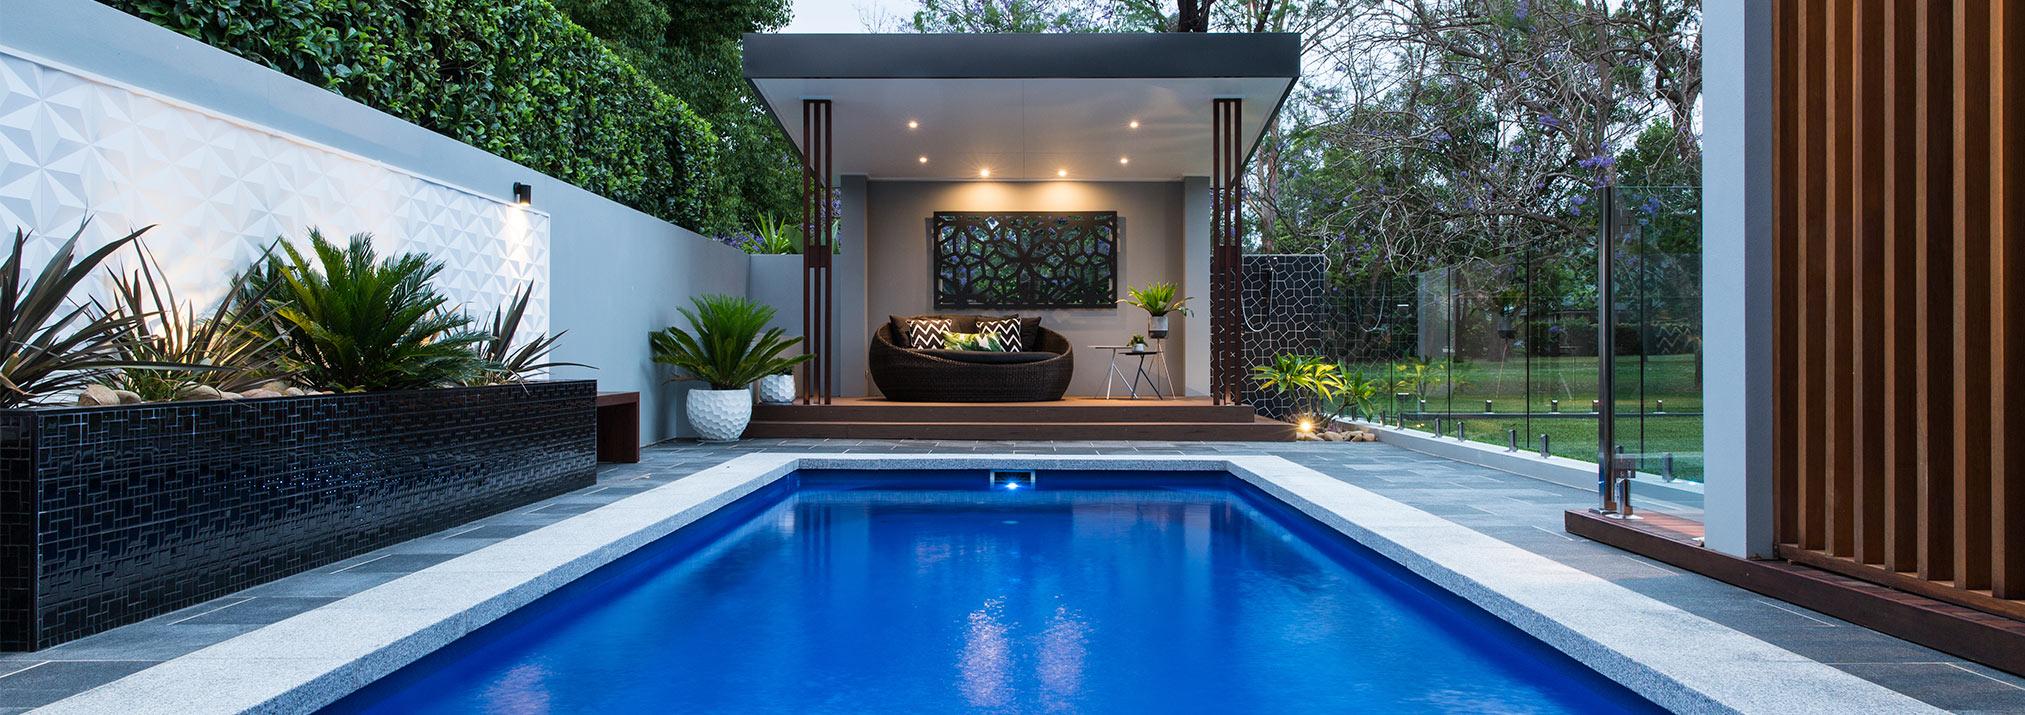 Pool Garden Design   Sydney   Northern Beaches   North Sydney ...